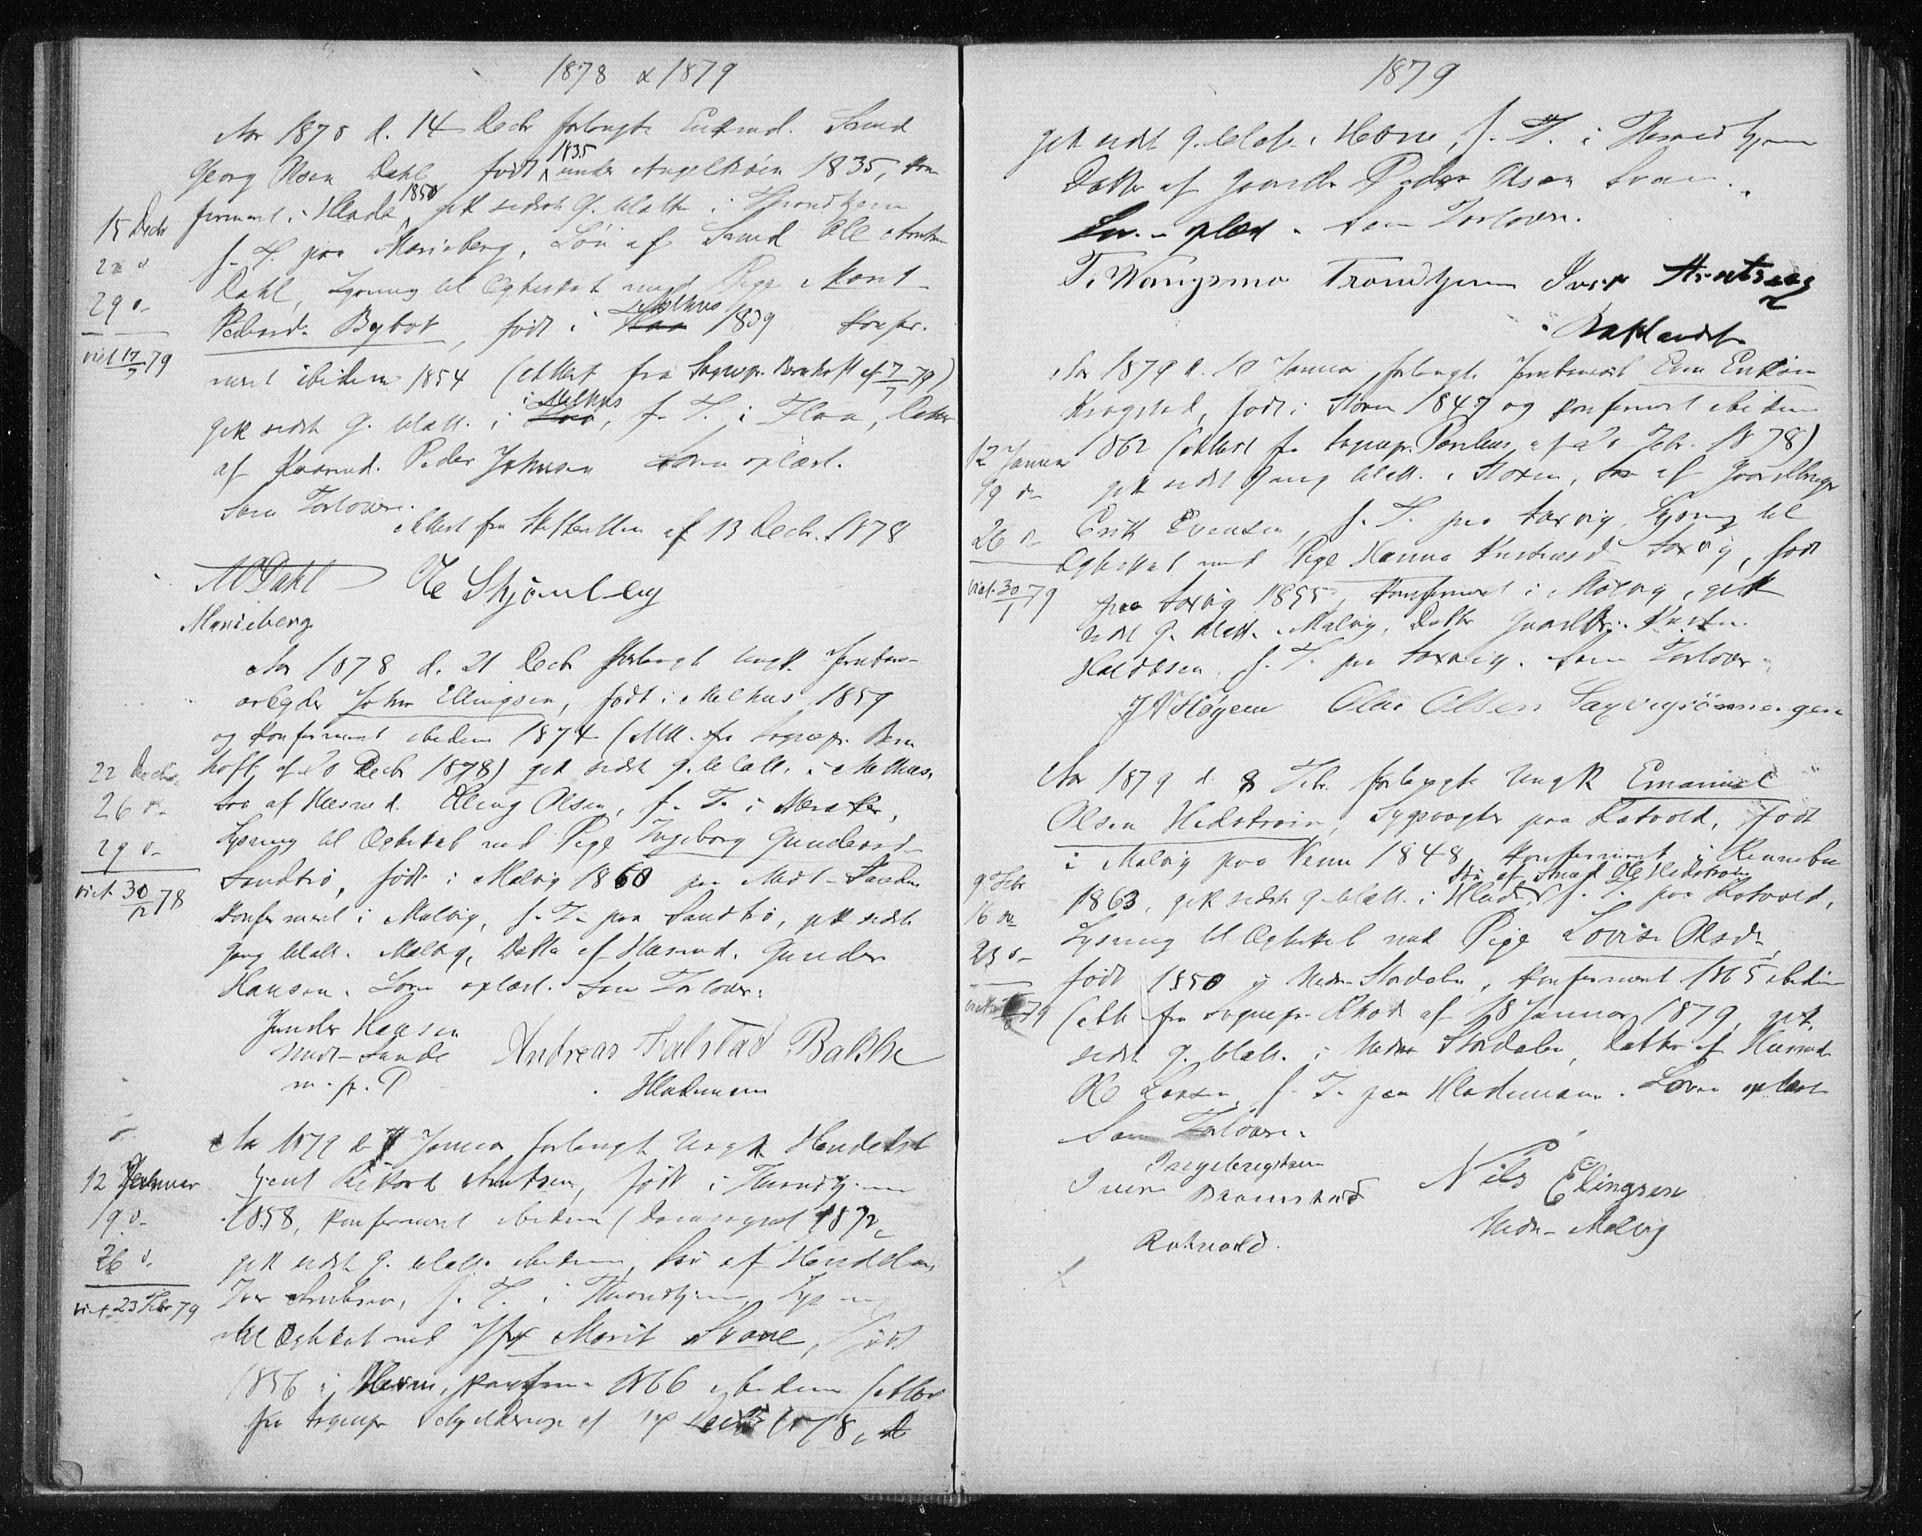 SAT, Ministerialprotokoller, klokkerbøker og fødselsregistre - Sør-Trøndelag, 606/L0299: Lysningsprotokoll nr. 606A14, 1873-1889